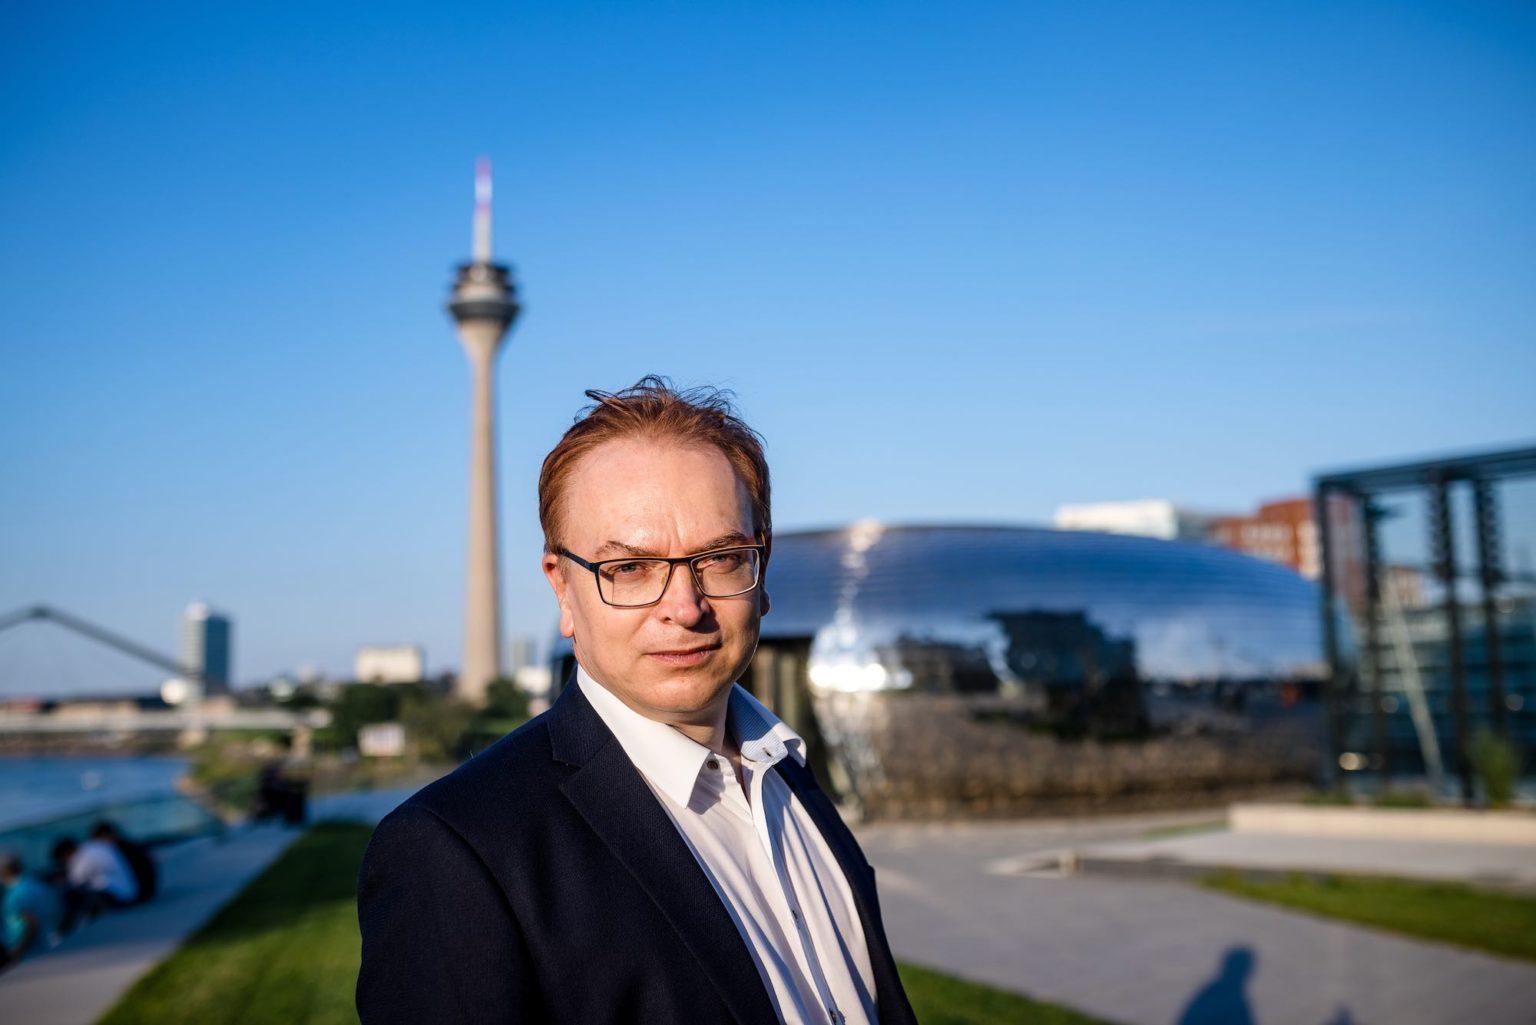 Wolfgang Schmid Portrait im Medienhafen vor space ship